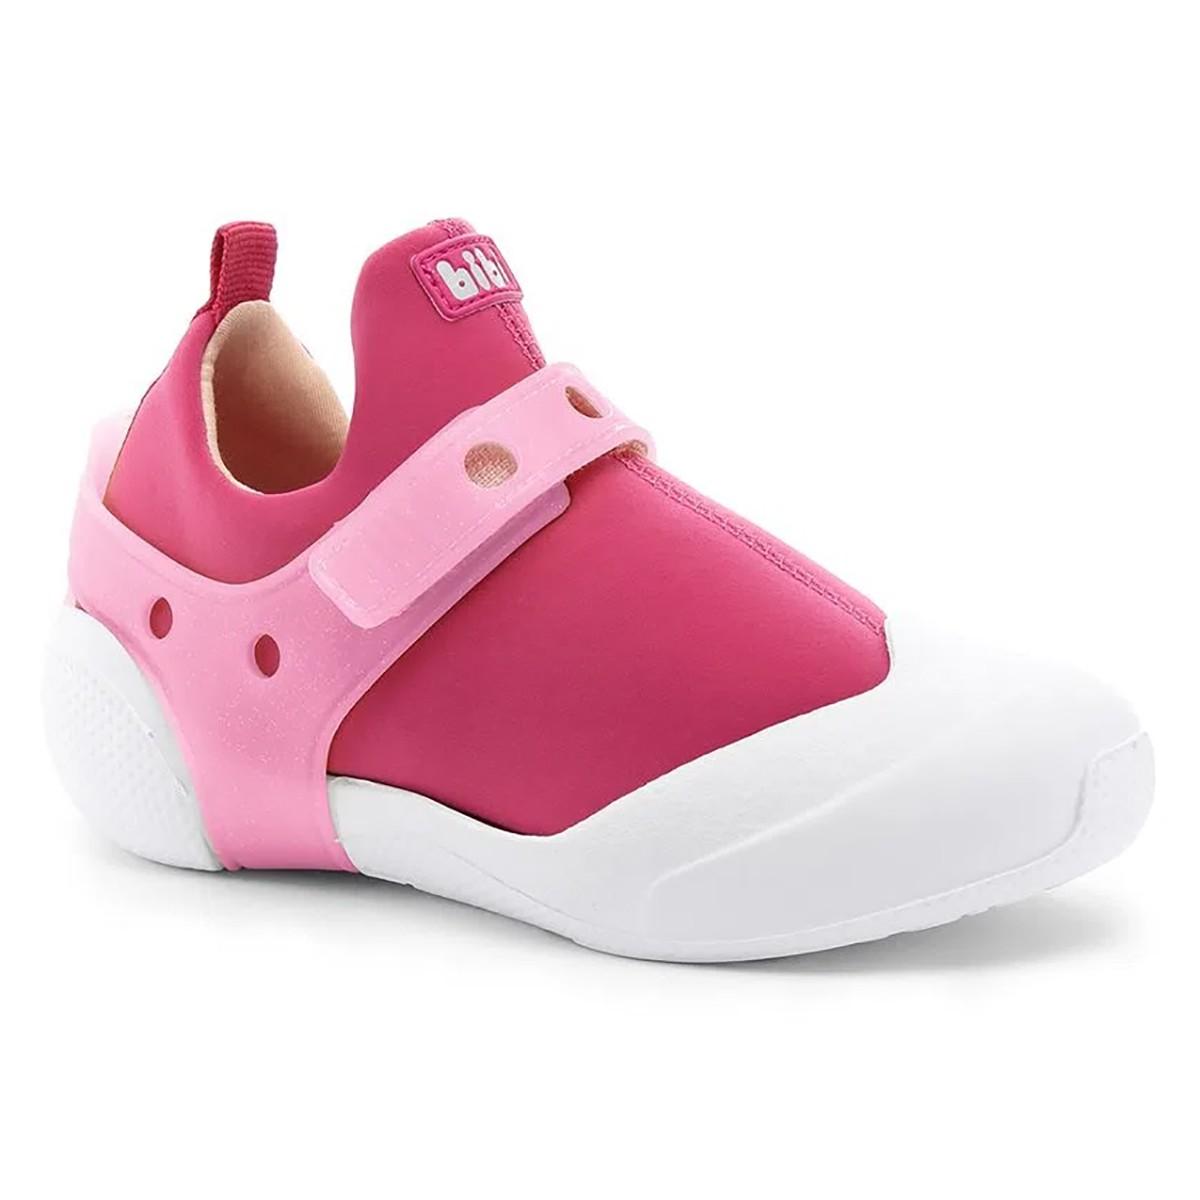 Tenis Bibi 2WAY Infantil Feminino Rosa